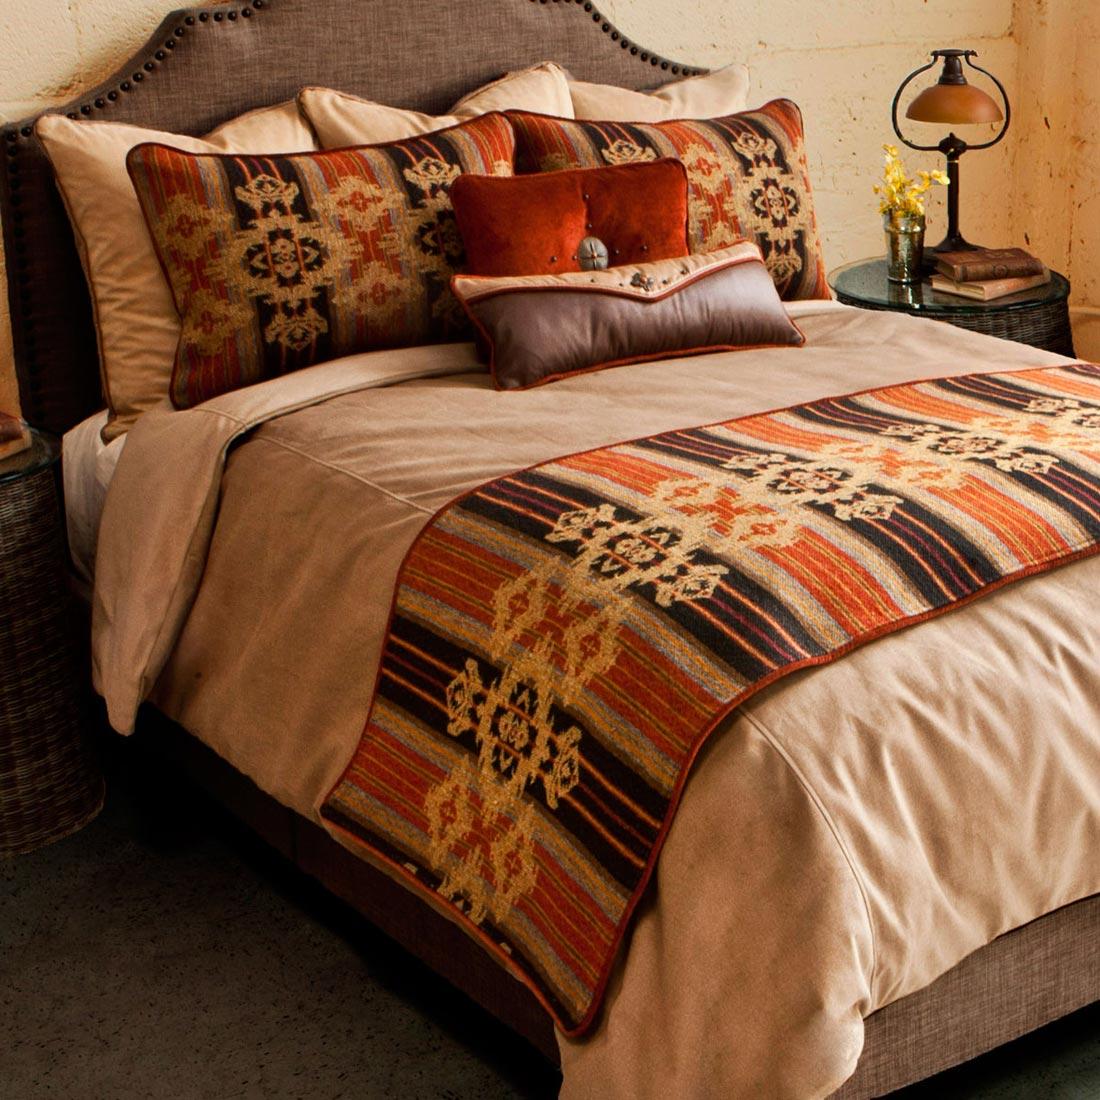 Wrangler basic bed set - king plus